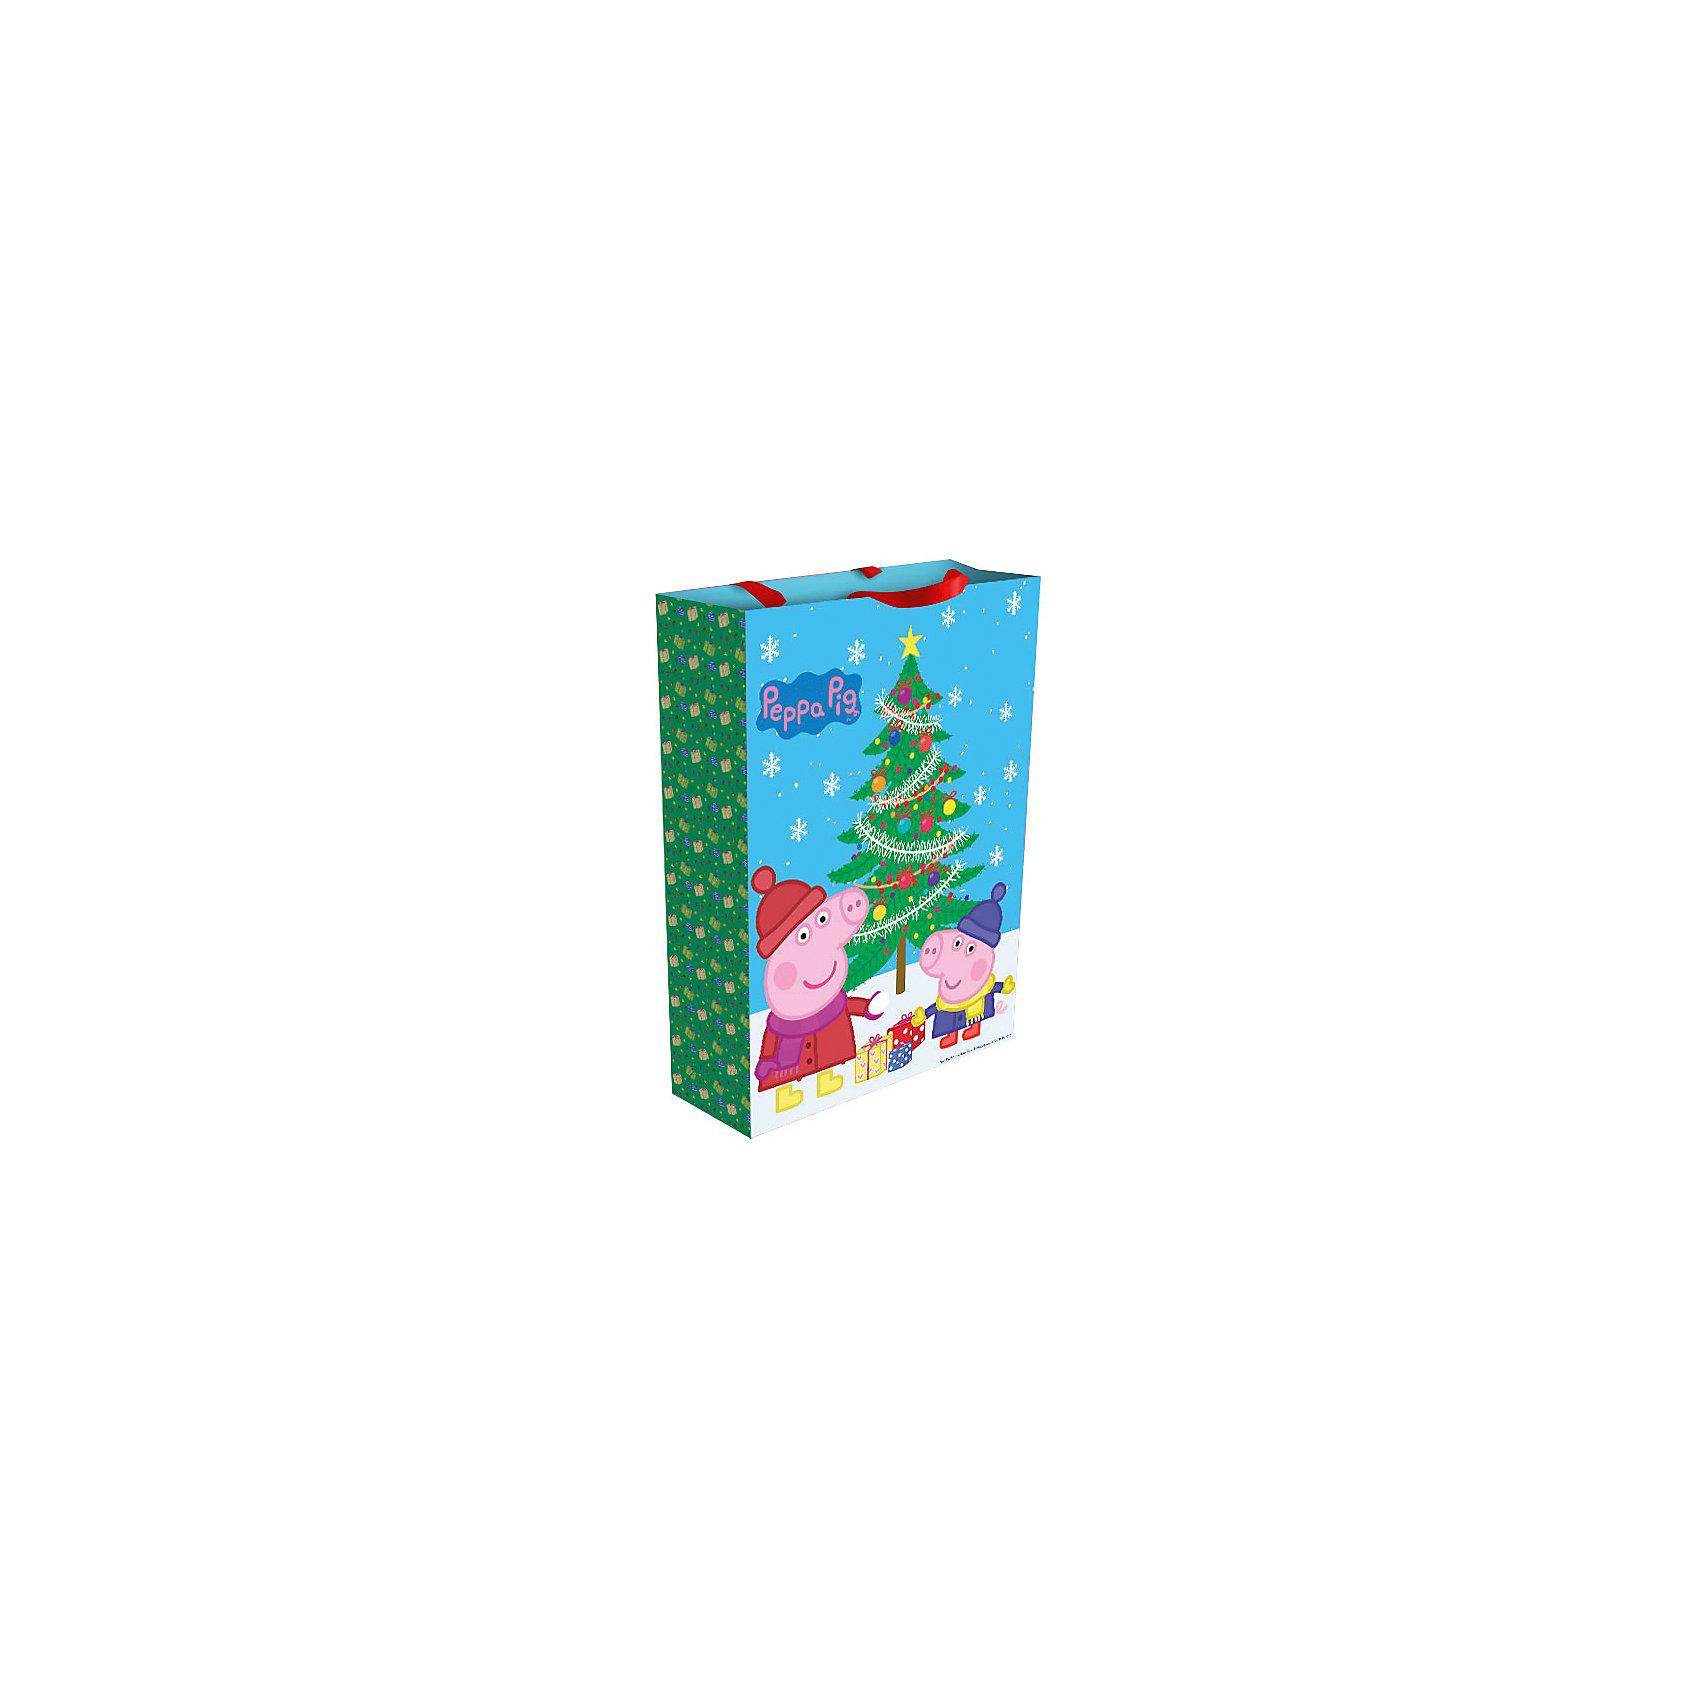 Пакет подарочный Пеппа зимой 35*25*9 см, Свинка ПеппаДетские подарочные пакеты<br>Подарочный пакет Пеппа зимой, Свинка Пеппа, поможет Вам красиво и оригинально оформить новогодний подарок для ребенка. Пакет с двумя ленточными ручками украшен ярким рисунком с изображением забавных героев популярного мультсериала Свинка Пеппа (Peppa Pig).<br><br>Дополнительная информация:<br><br>- Материал: бумага. <br>- Размер пакета: 35 х 25 х 9 см.<br>- Вес: 78 гр.<br><br>Пакет подарочный Пеппа зимой, Свинка Пеппа, можно купить в нашем интернет-магазине.<br><br>Ширина мм: 350<br>Глубина мм: 250<br>Высота мм: 5<br>Вес г: 78<br>Возраст от месяцев: 36<br>Возраст до месяцев: 84<br>Пол: Унисекс<br>Возраст: Детский<br>SKU: 4244170